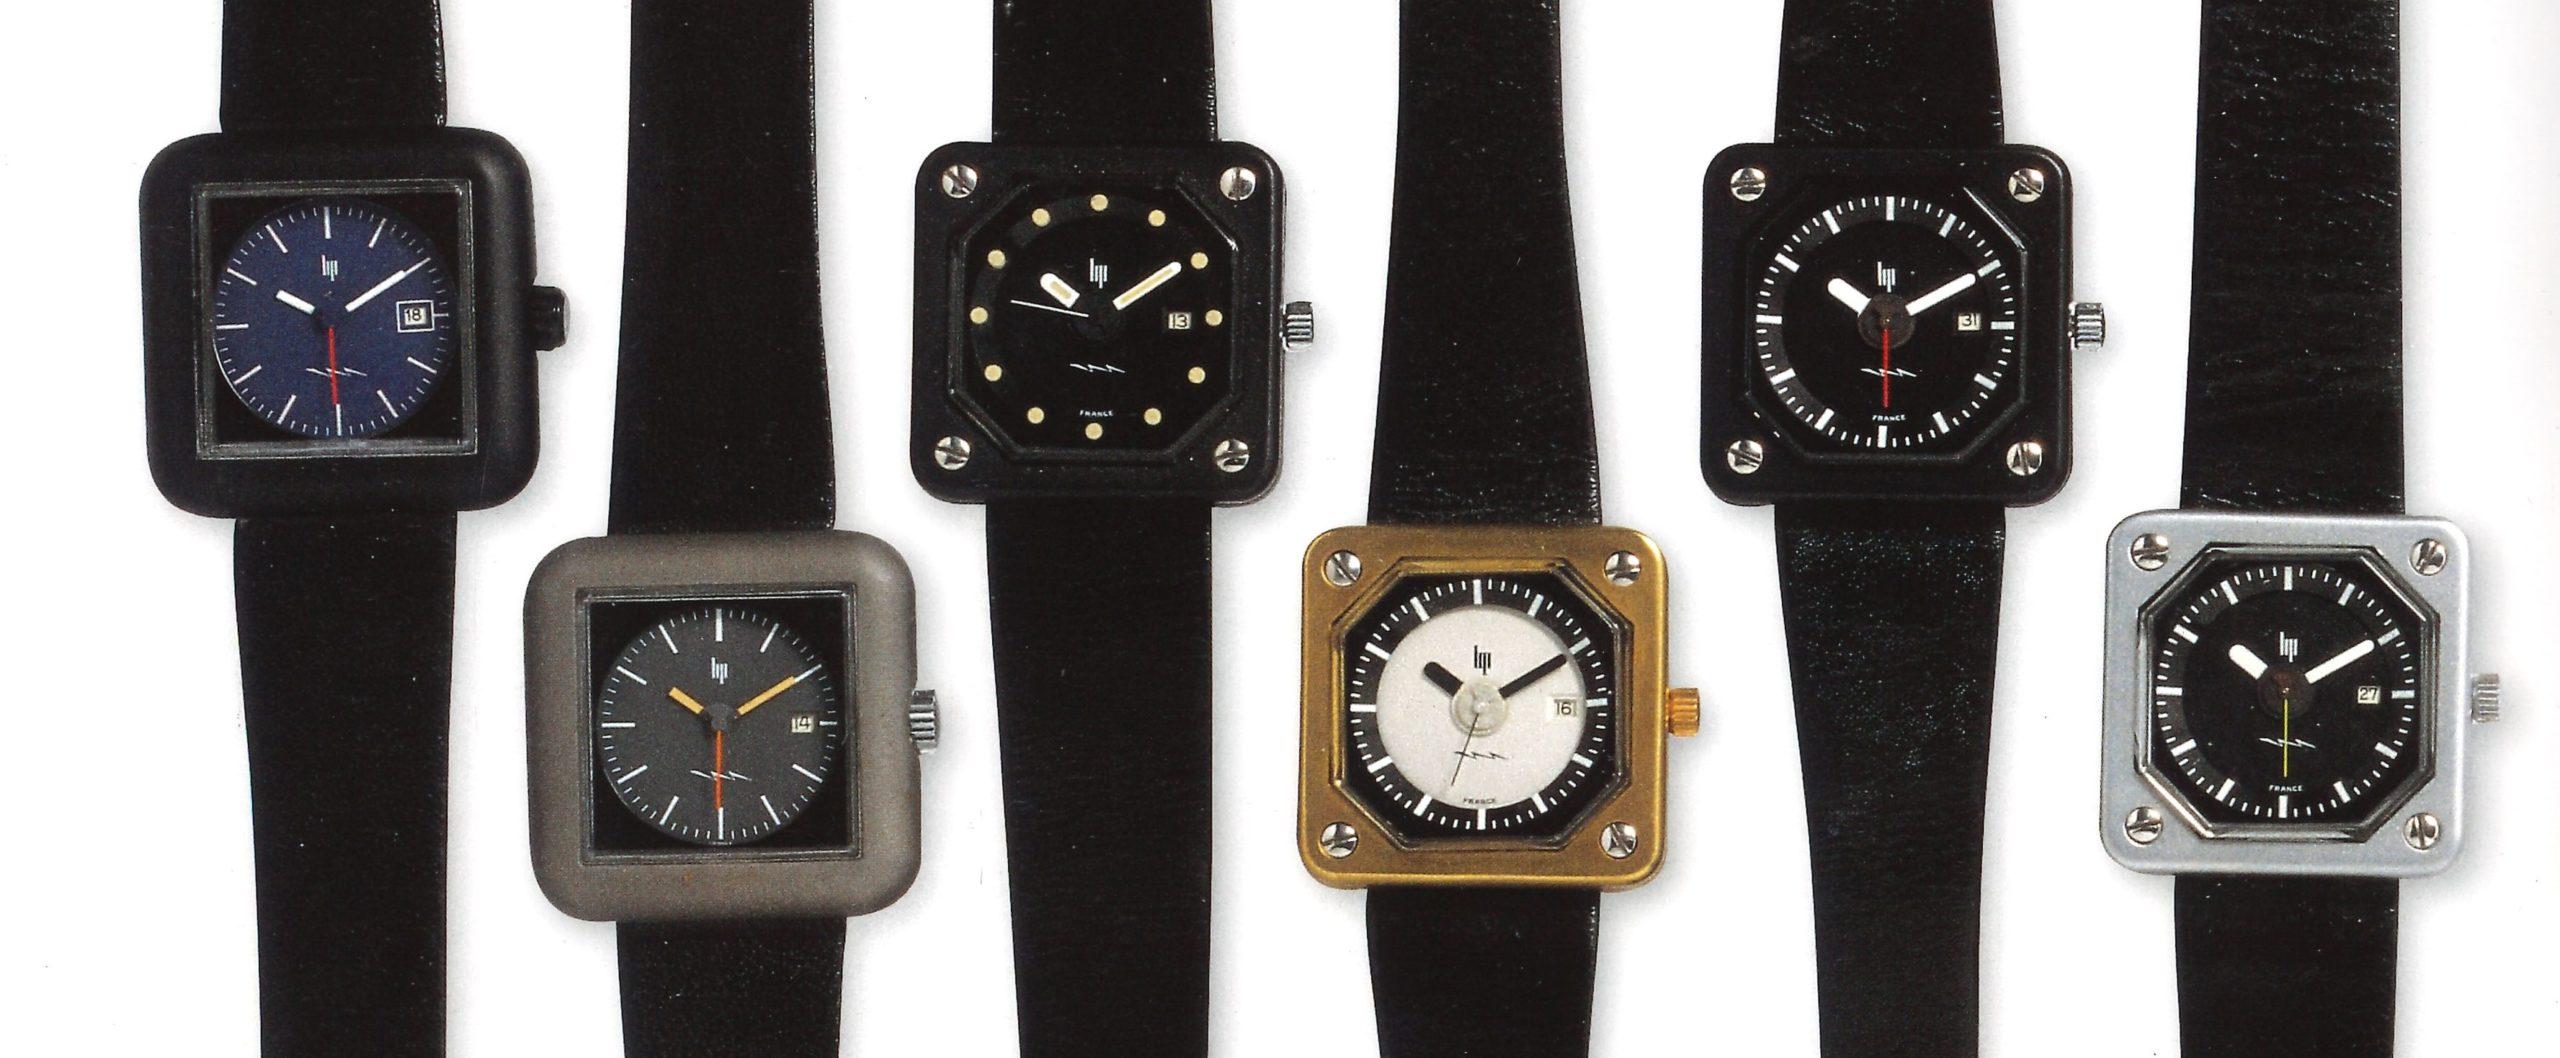 6 références de montre Lip Rudi MEYER Electronic R53 aluminium @M-P. COUSTANS page 198